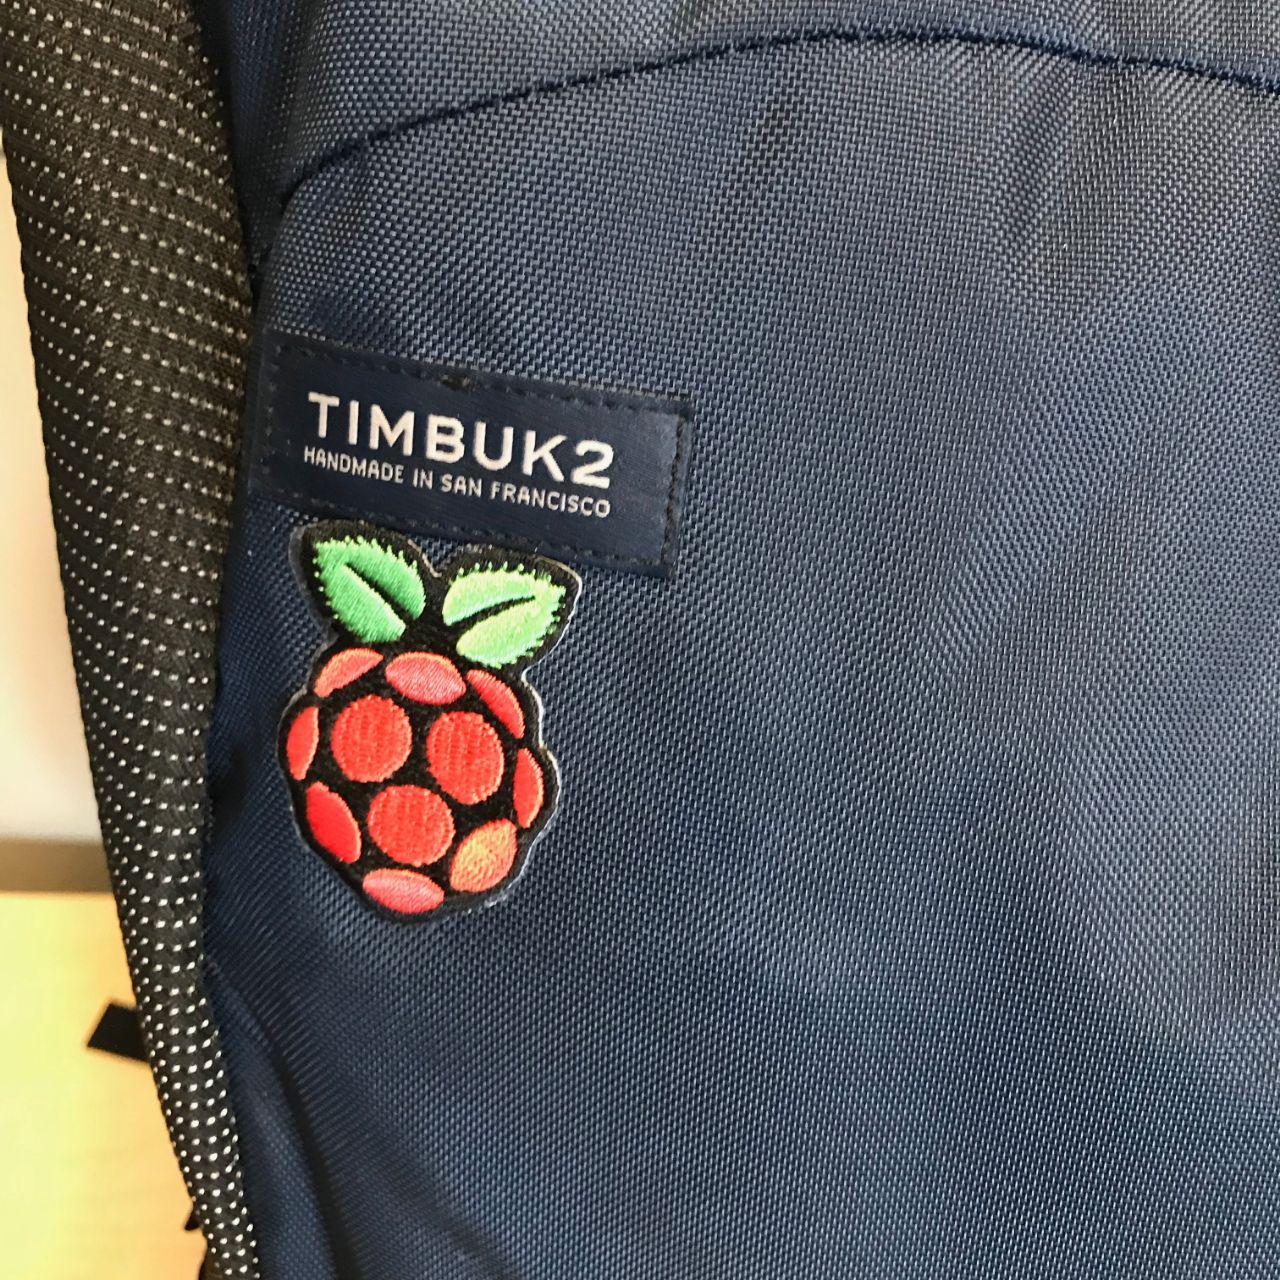 Raspberry  Pi Logo on a Timbuk2 Backpack